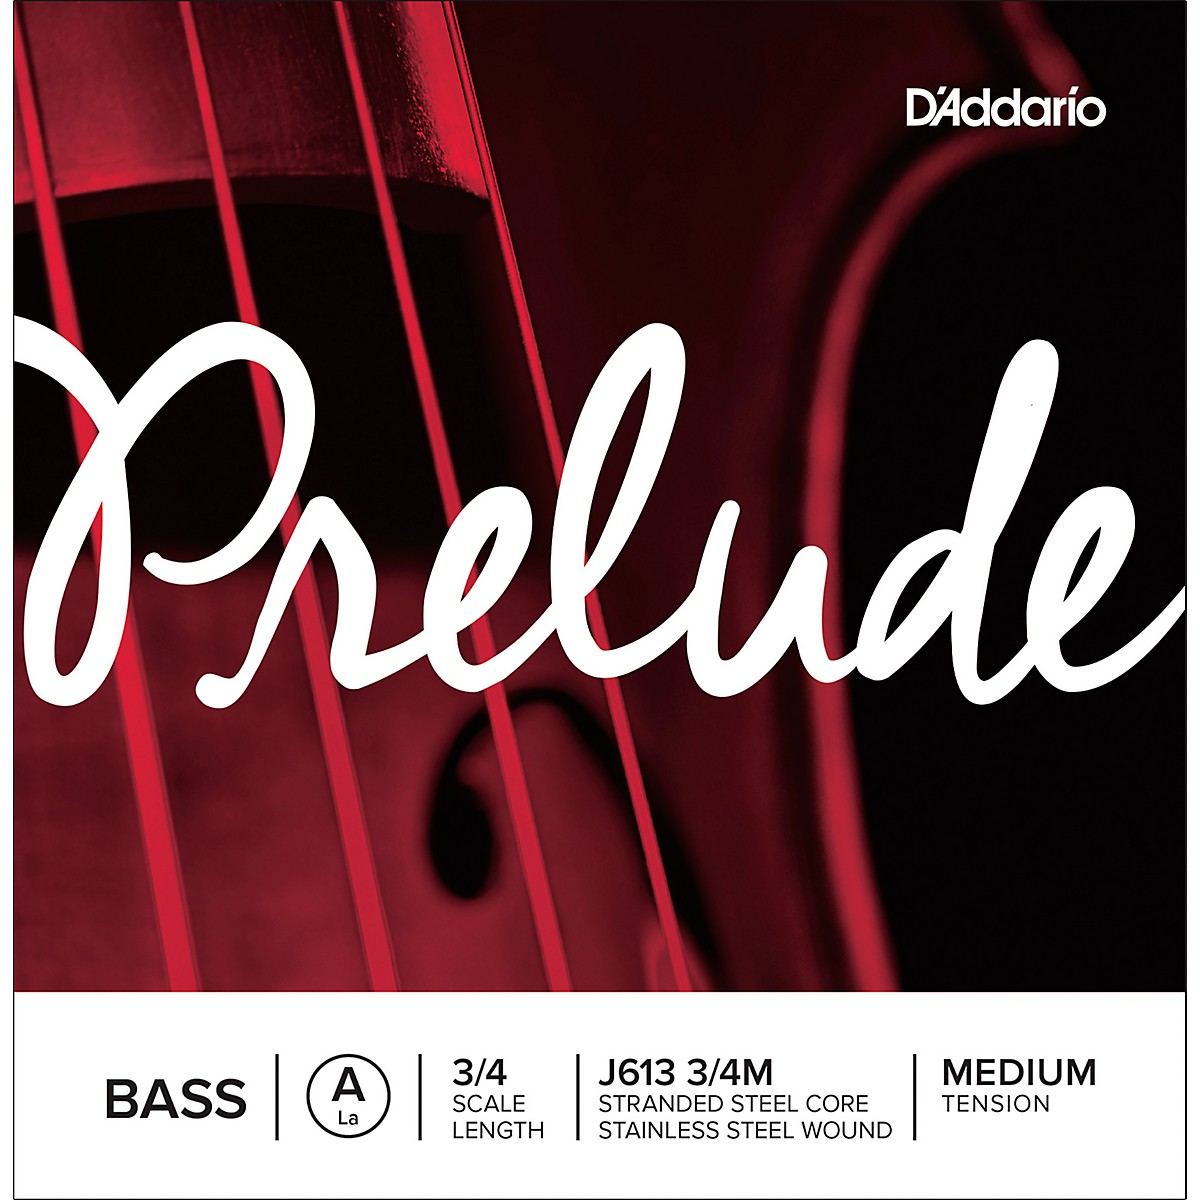 D'Addario Prelude Series Double Bass A String